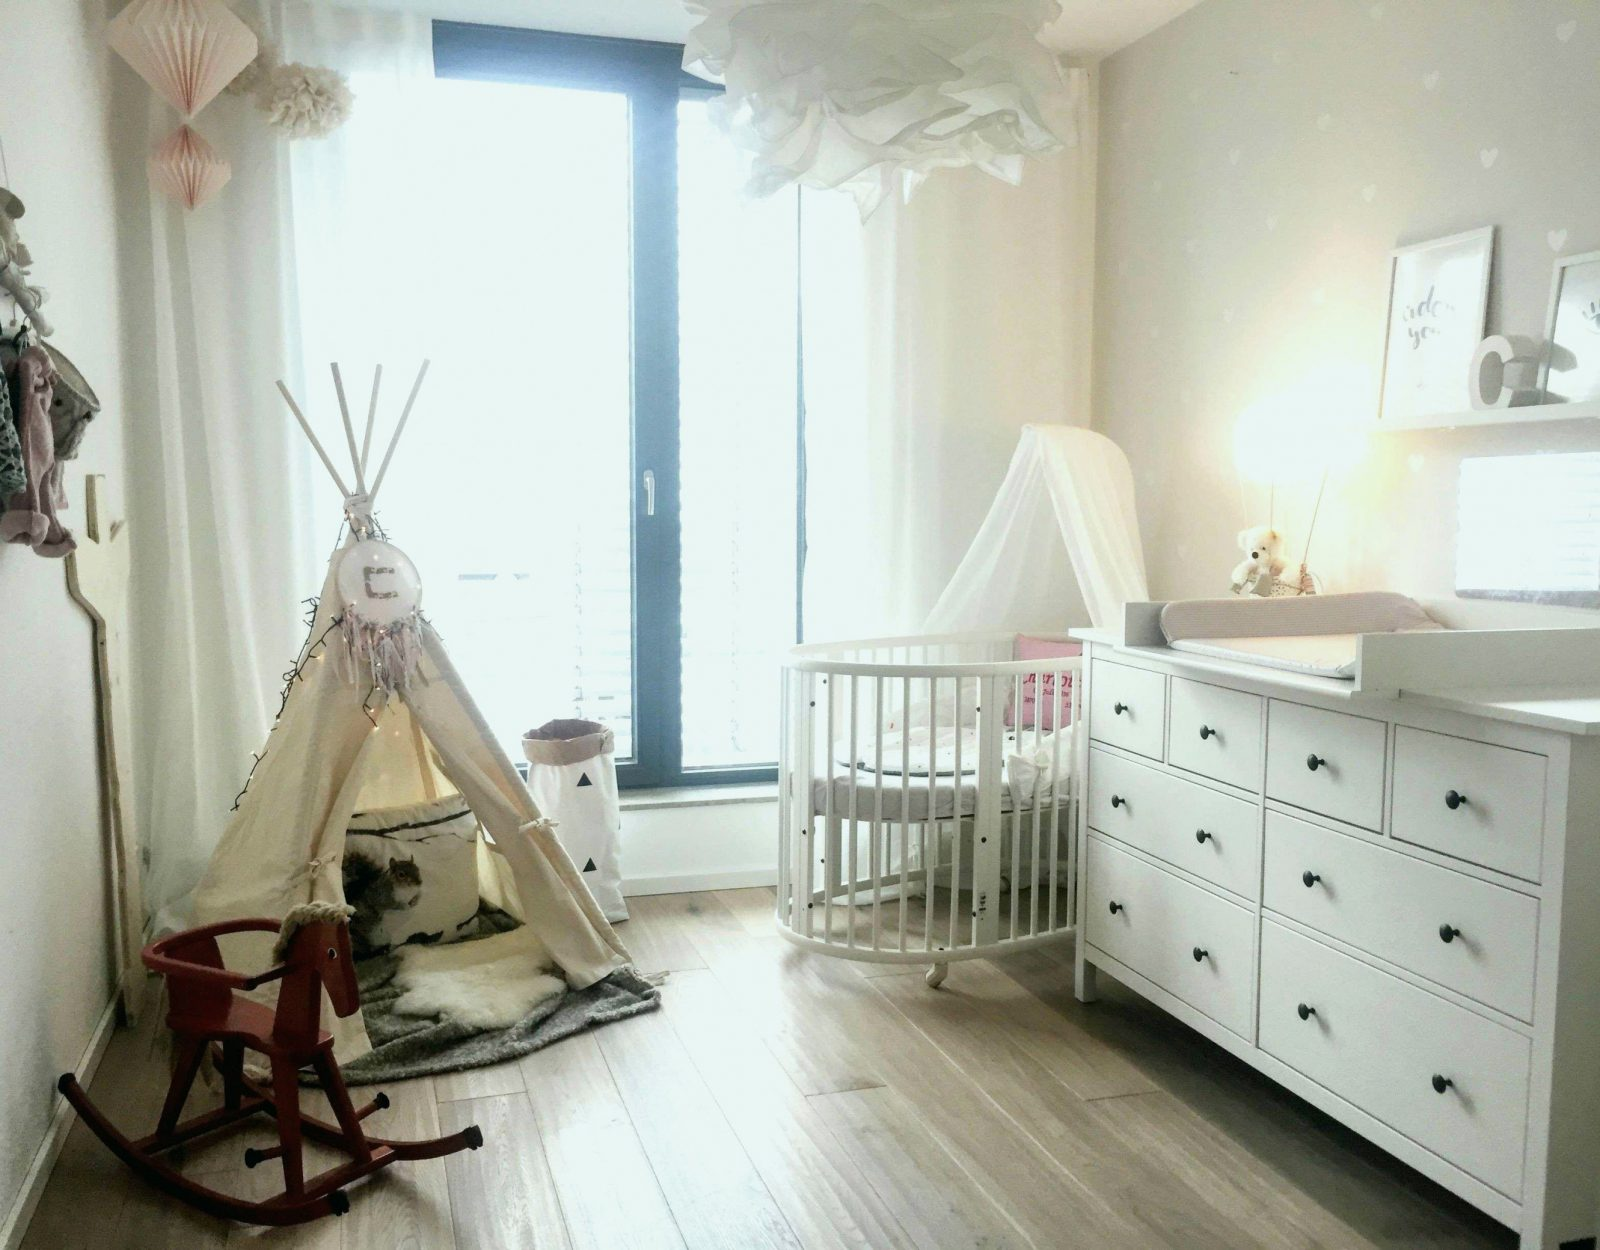 Wandgestaltung Kinderzimmer Junge Das Beste Von Ideen von Babyzimmer Zwillinge Komplett Bild